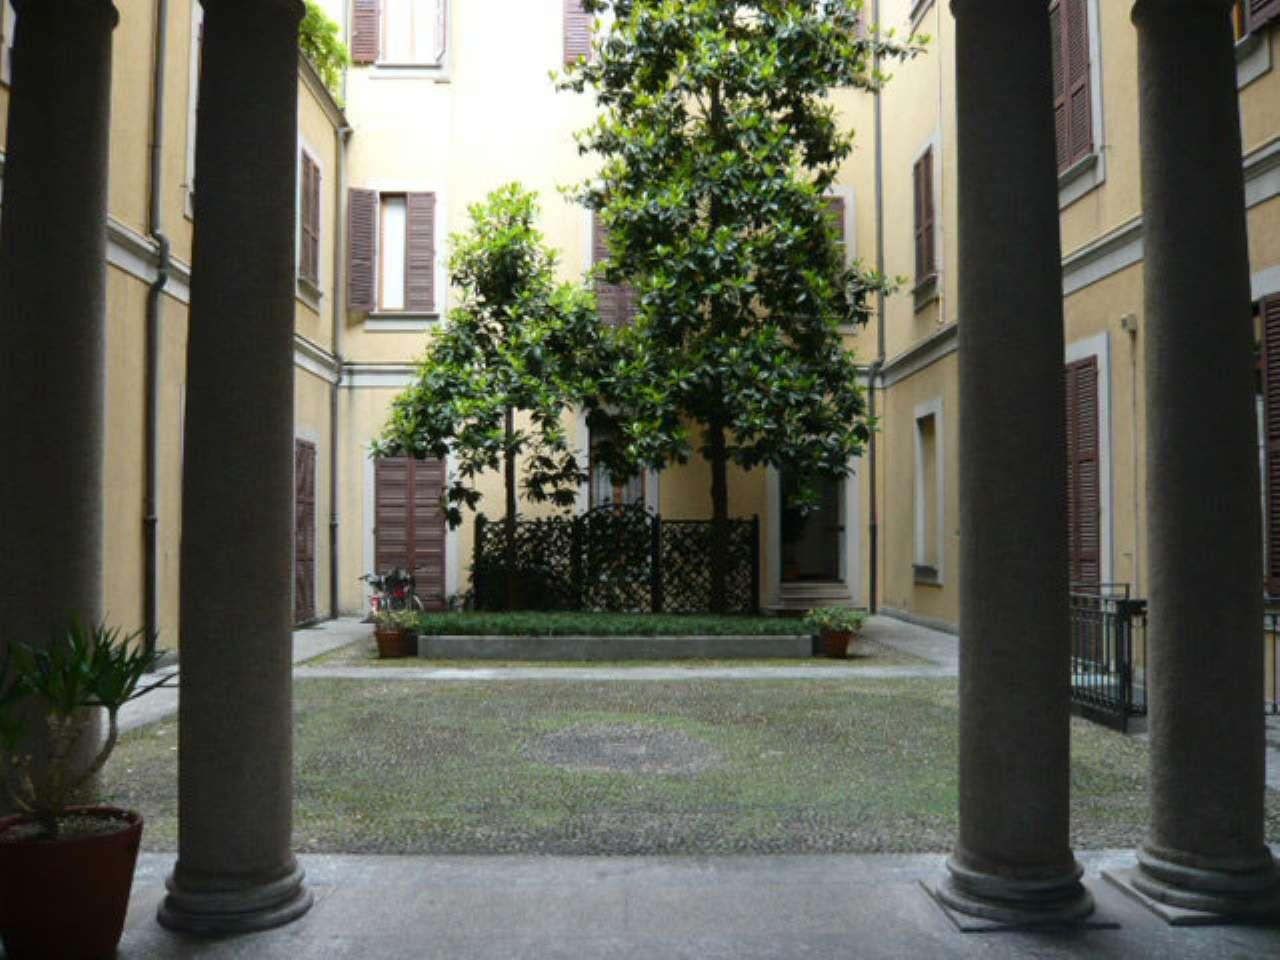 Appartamento in vendita a Milano, 6 locali, zona Zona: 1 . Centro Storico, Duomo, Brera, Cadorna, Cattolica, prezzo € 1.230.000 | CambioCasa.it